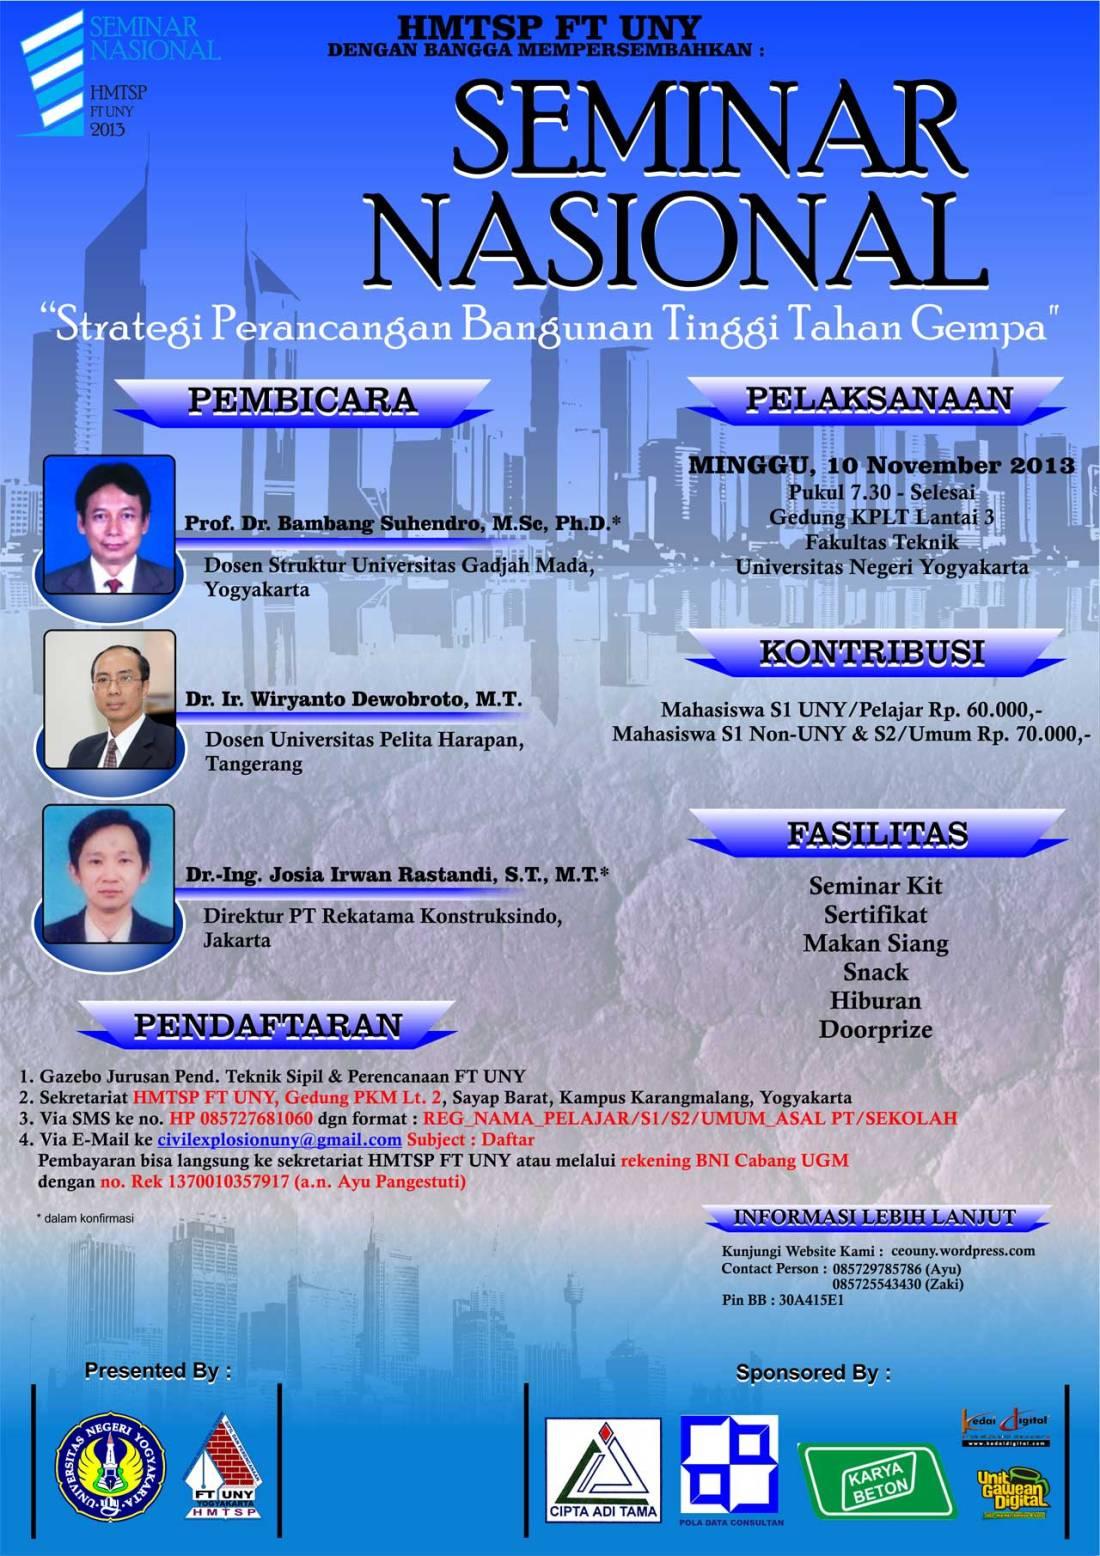 poster-seminar-uny-10-nov-2013_